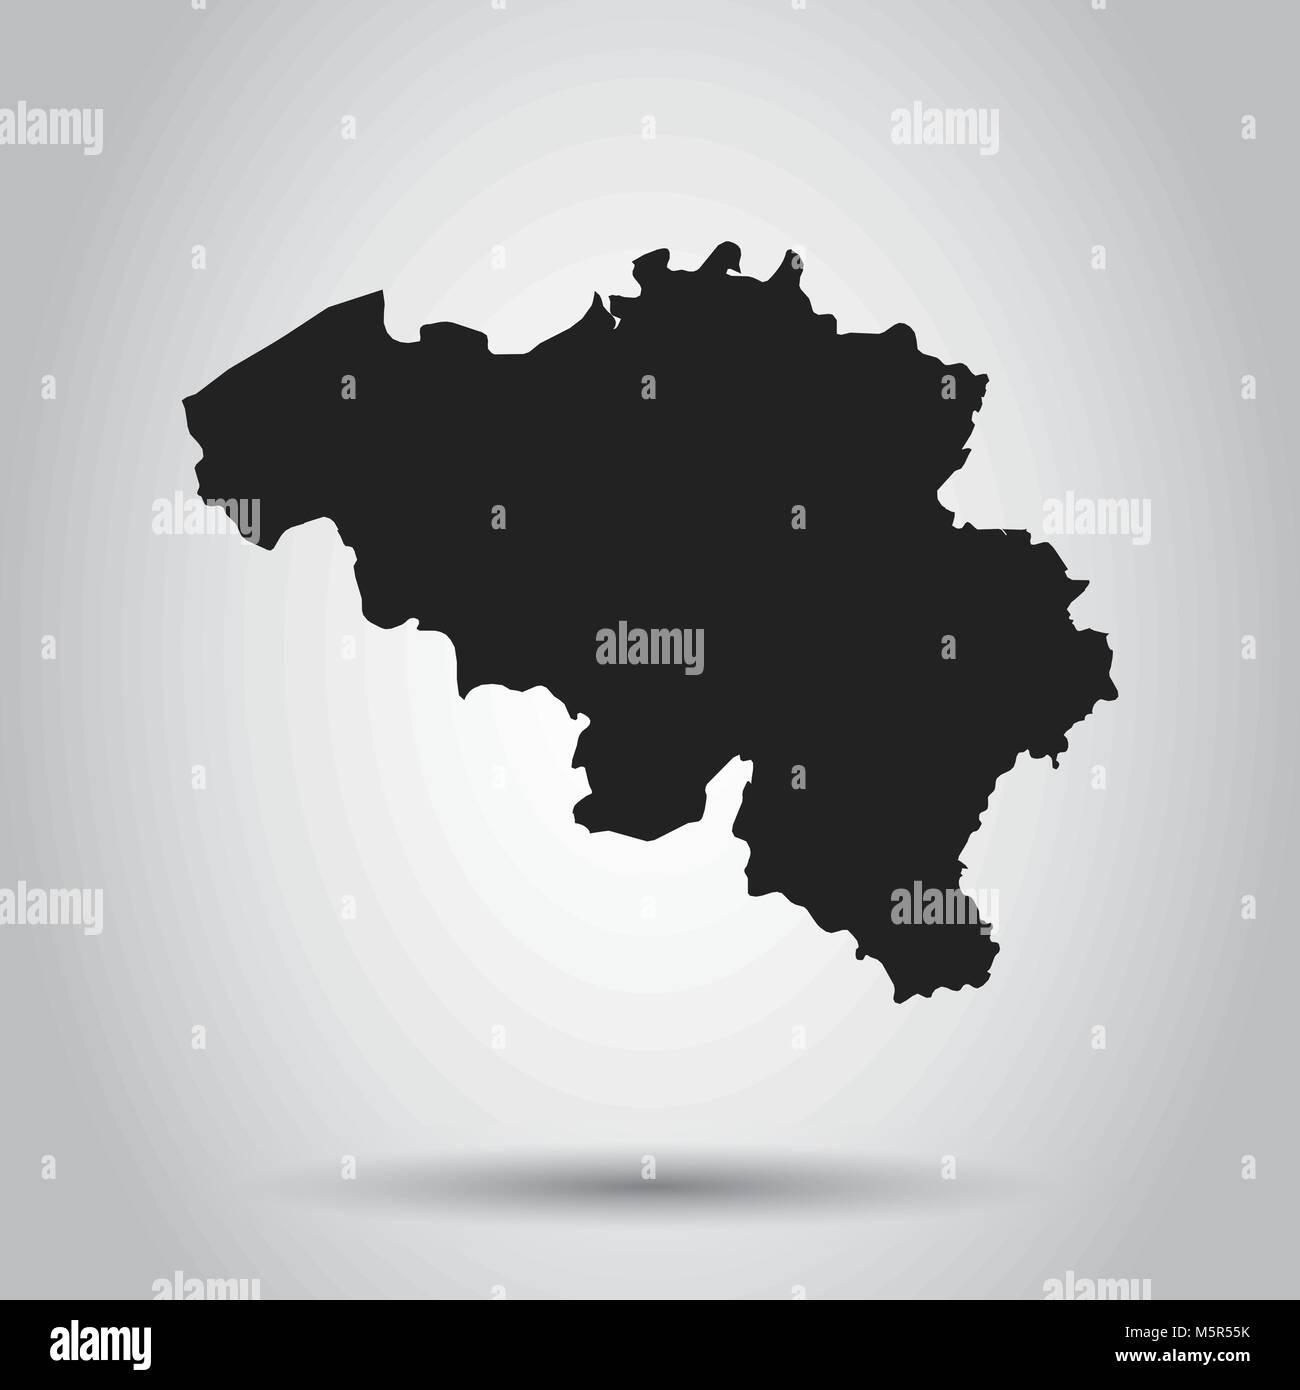 Carte Belgique Noir Et Blanc.Belgique Carte Vectorielle Icone Noire Sur Fond Blanc